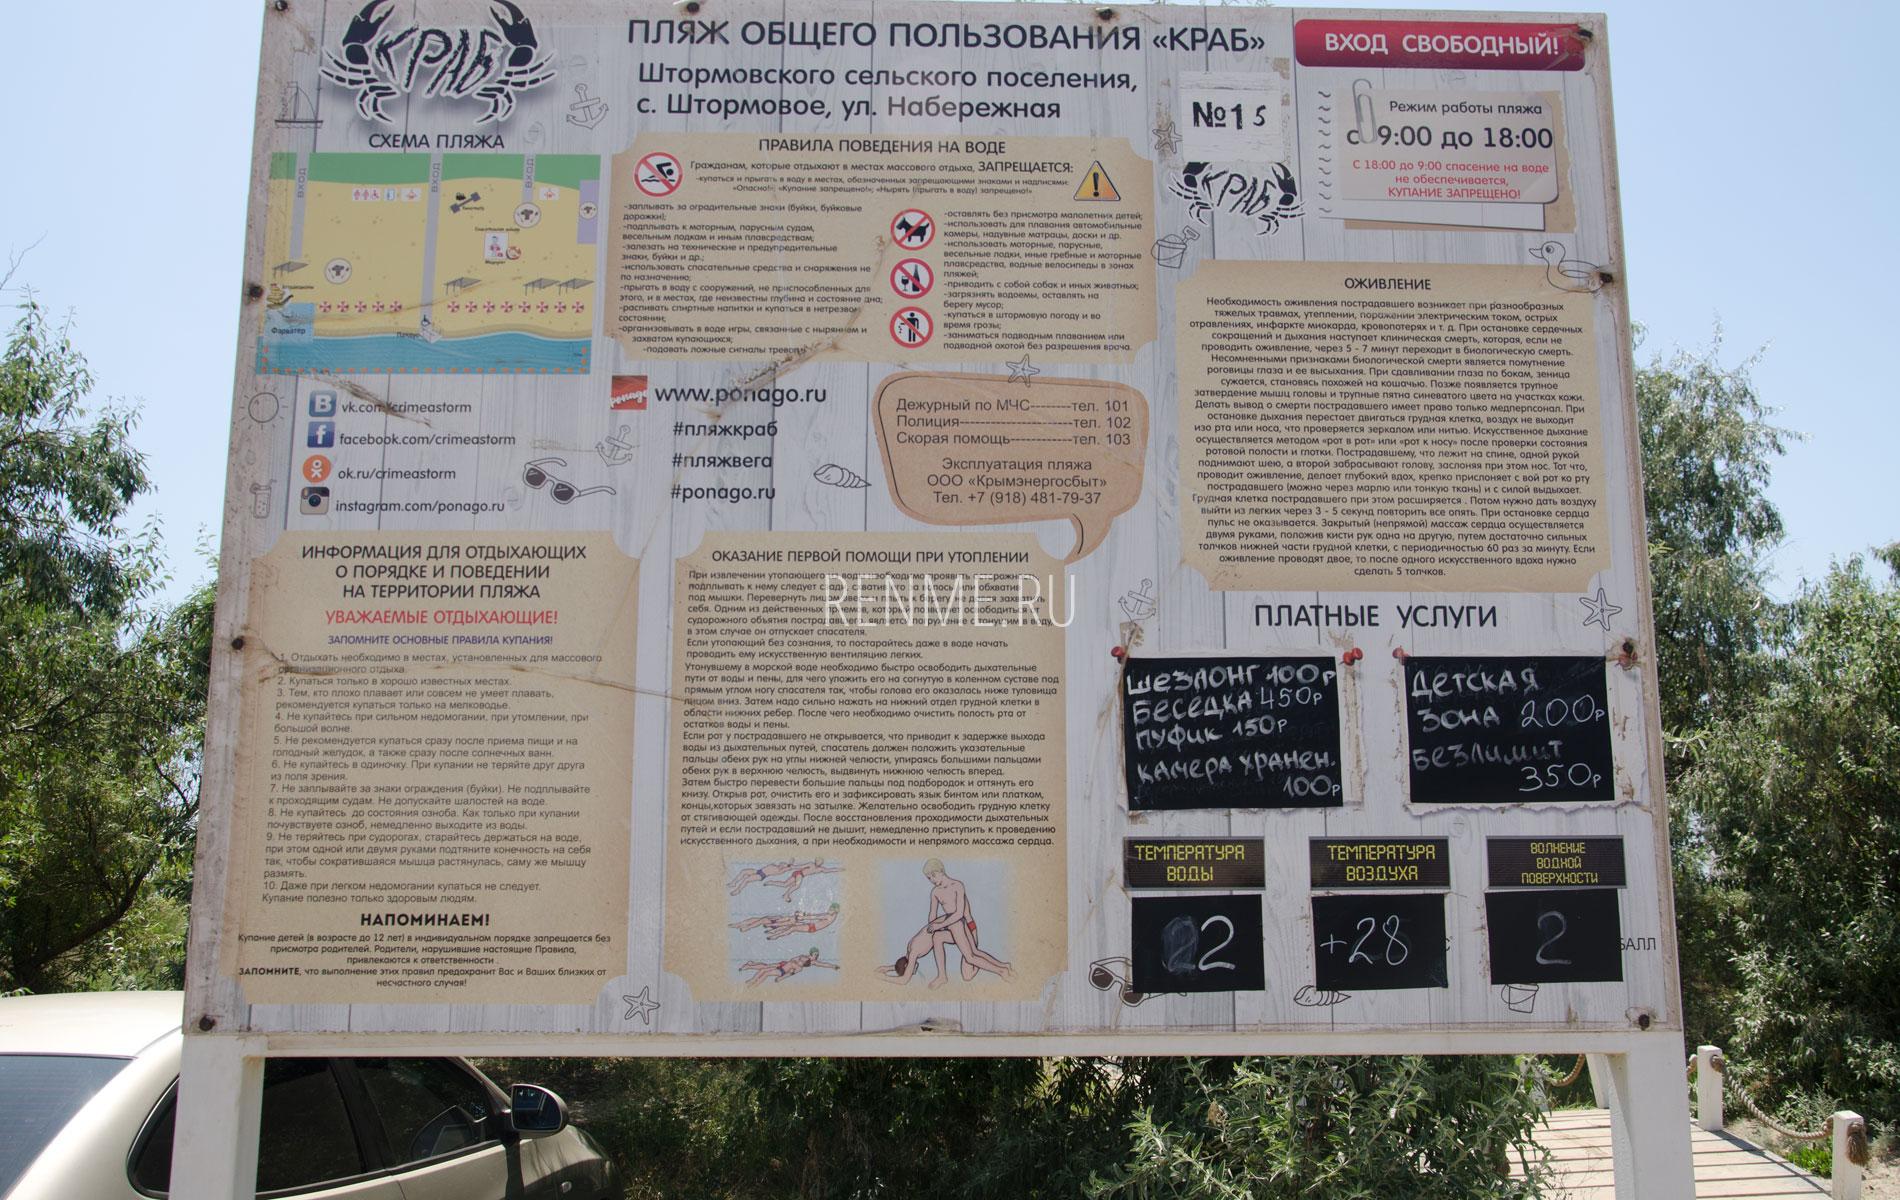 """Карта пляжа """"КРАБ"""". Фото Штормового"""